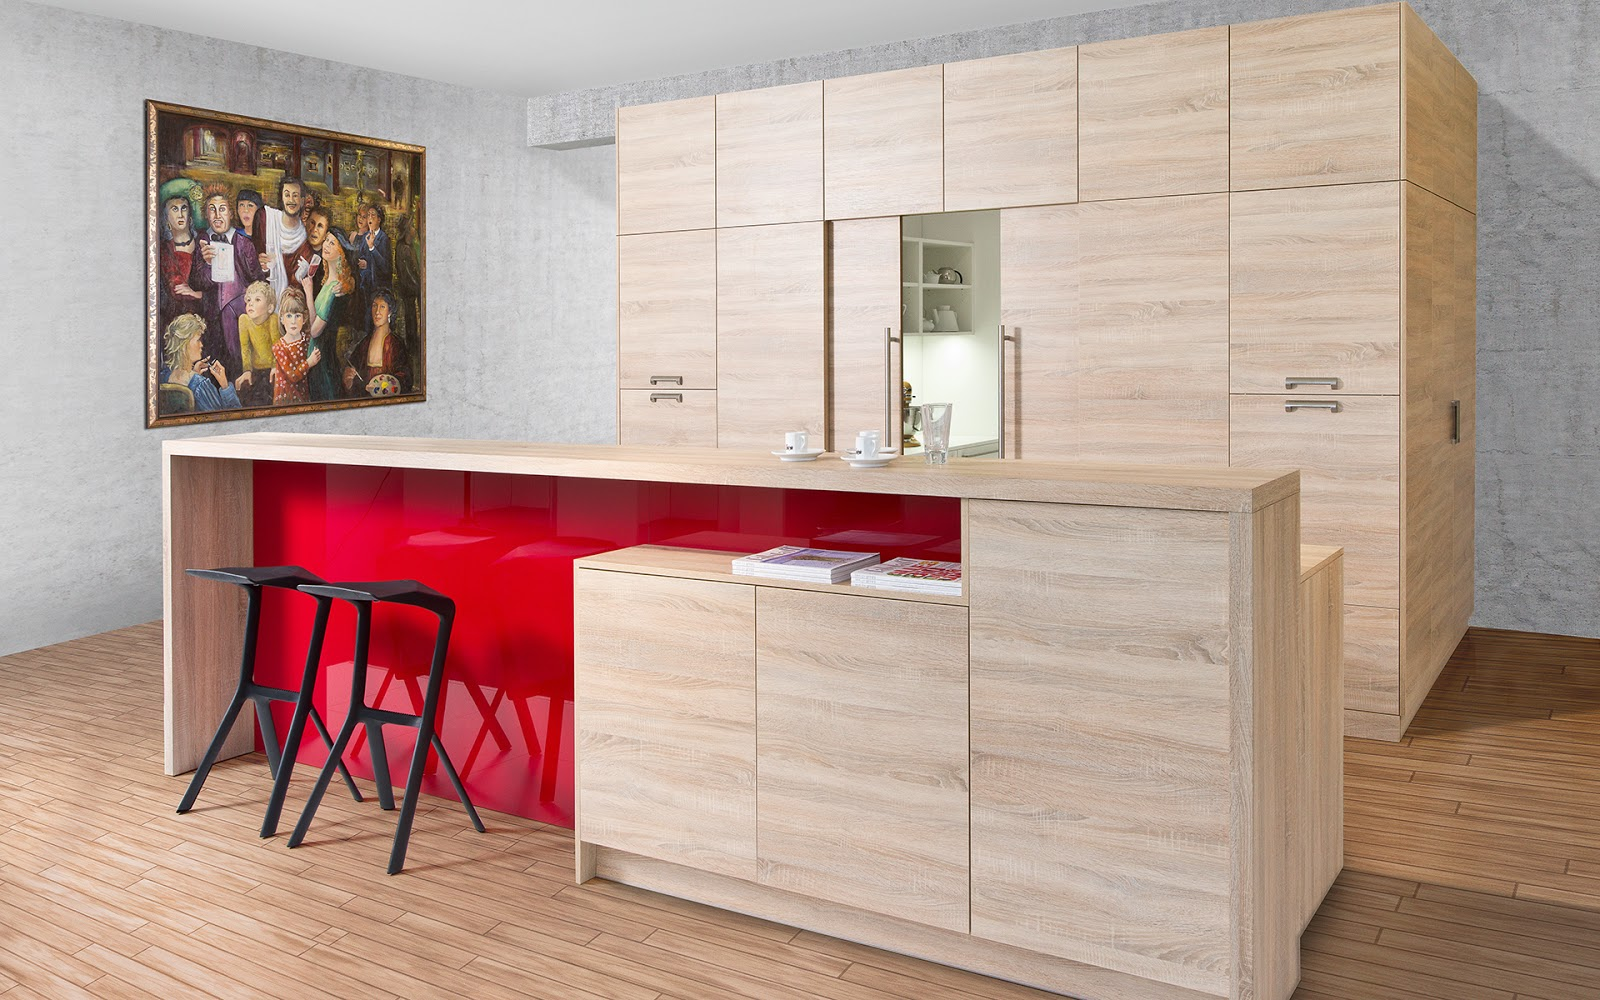 Barra para cocina11 arcomobel - Mesas de cocina tipo barra ...